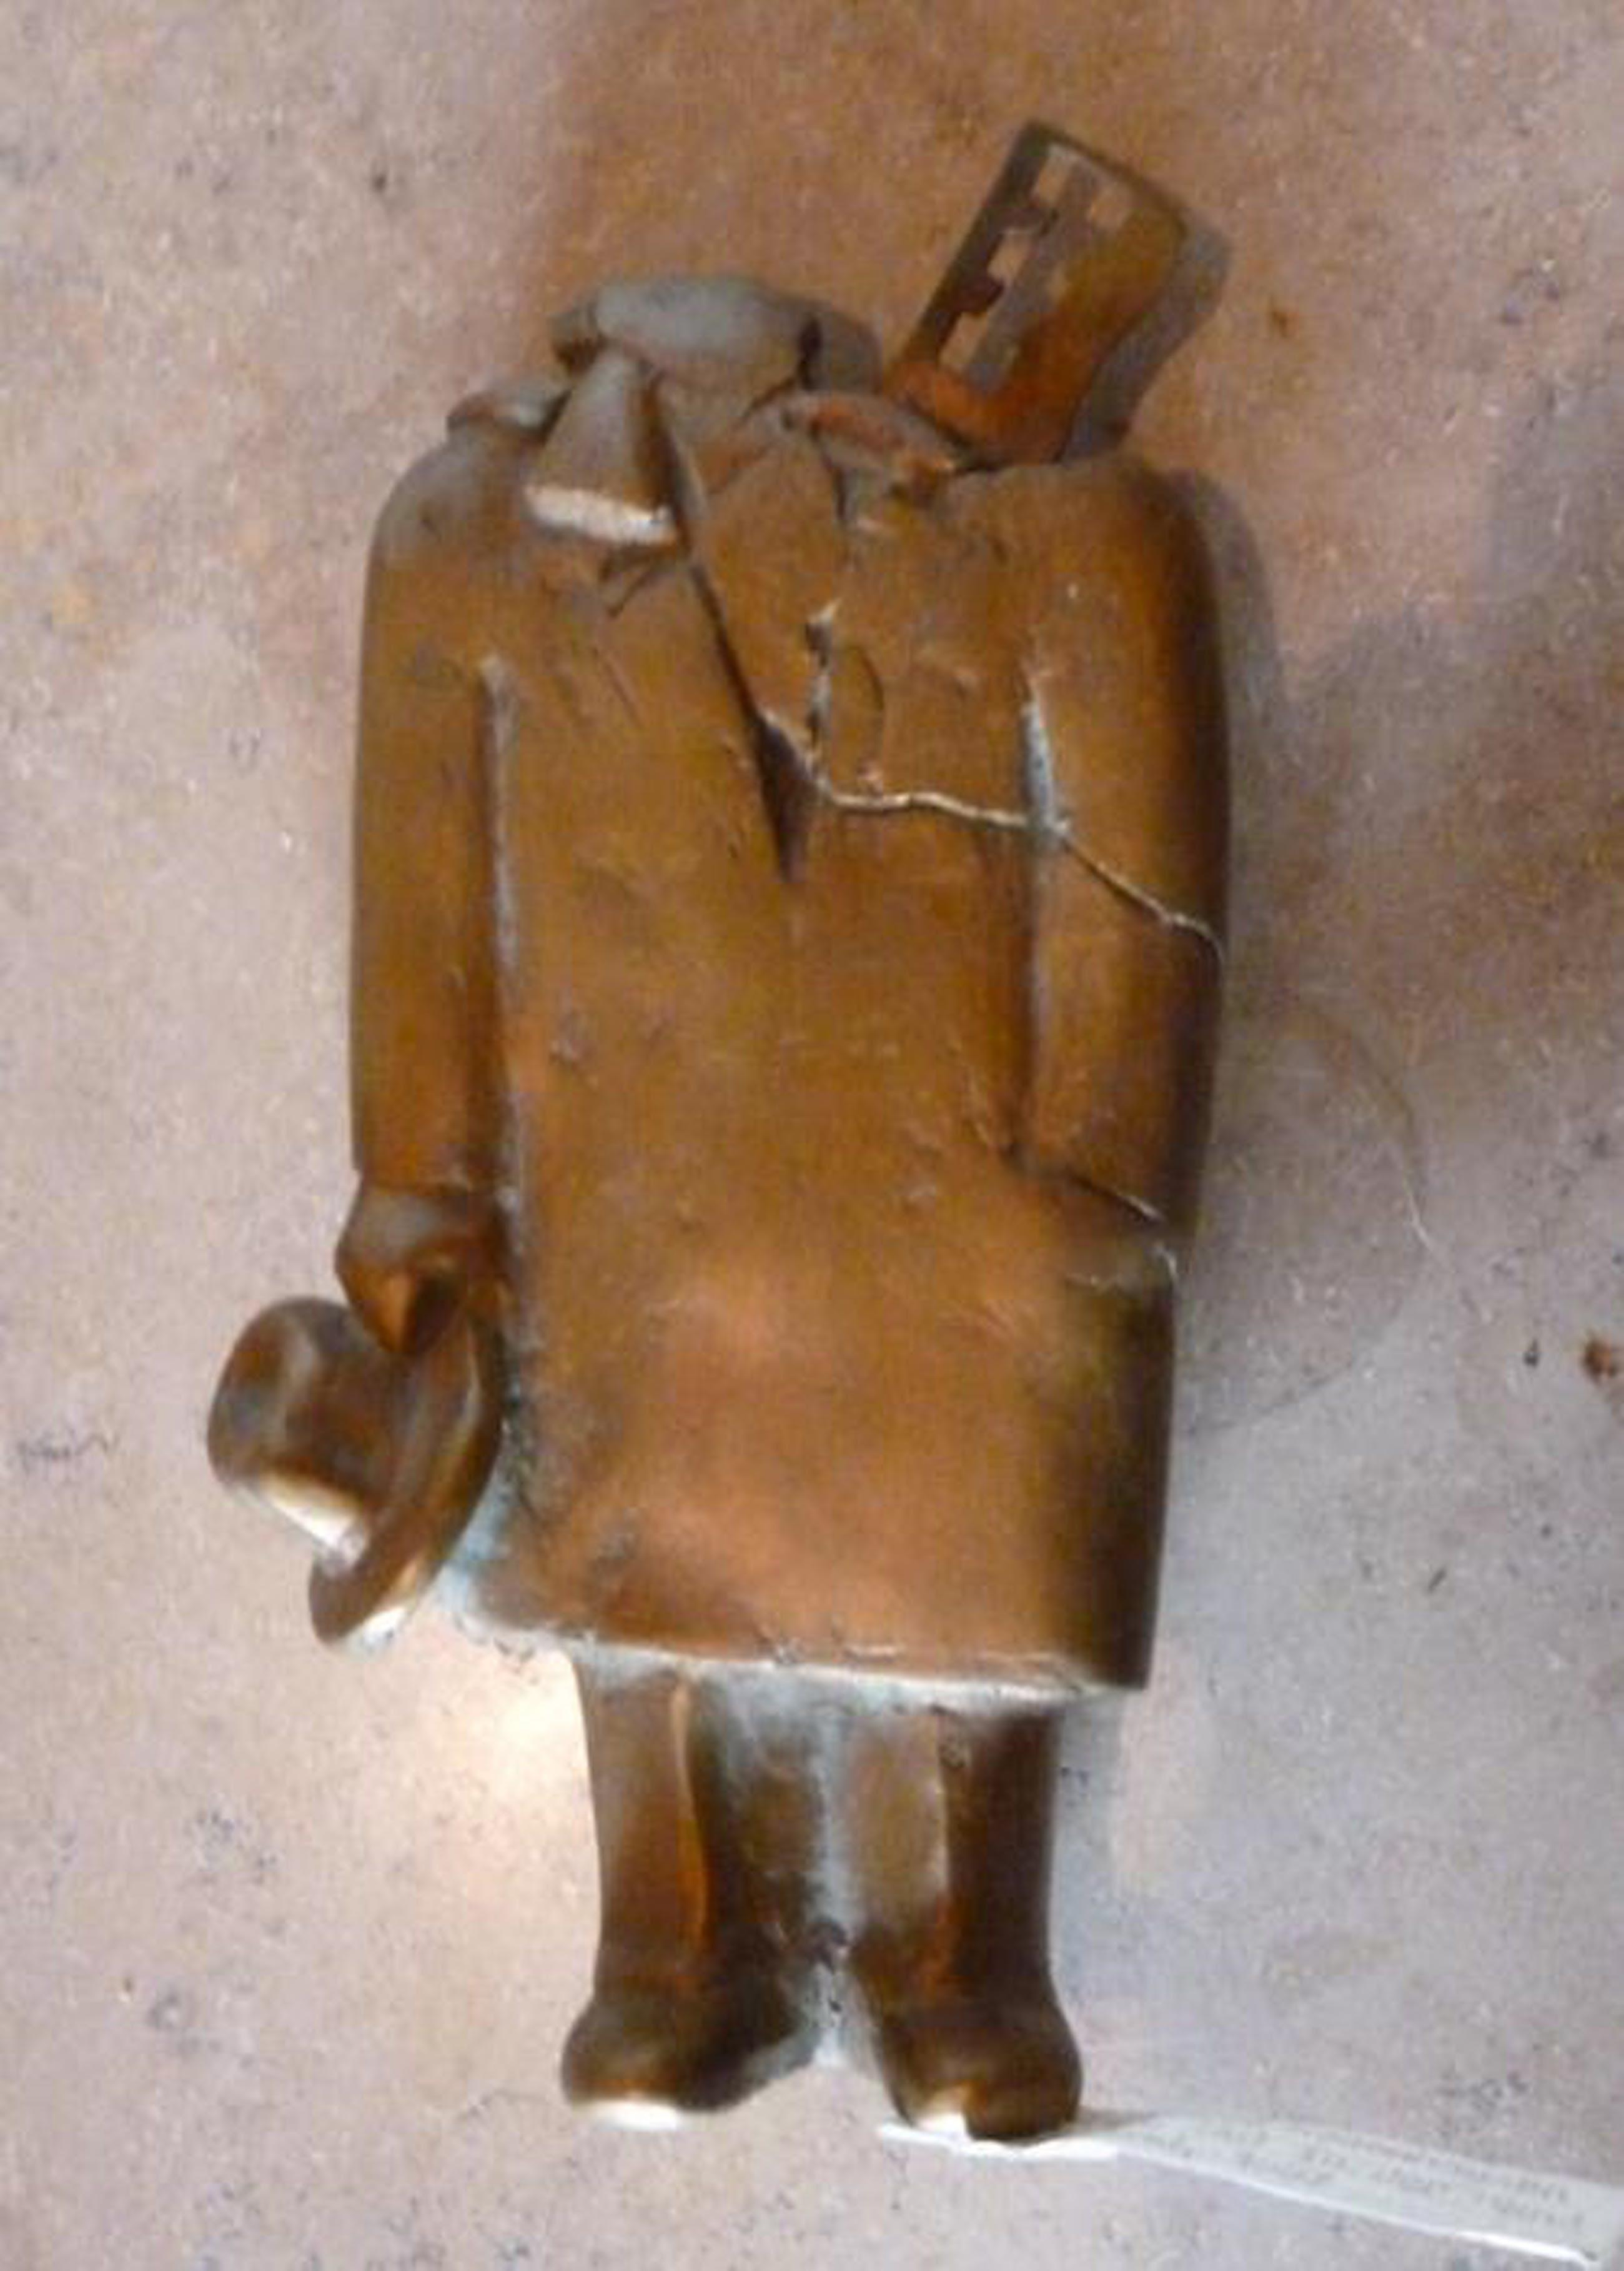 Siegfried Neuenhausen - Mann, Hut in der Hand haltend, Bronze, 1987 kopen? Bied vanaf 740!